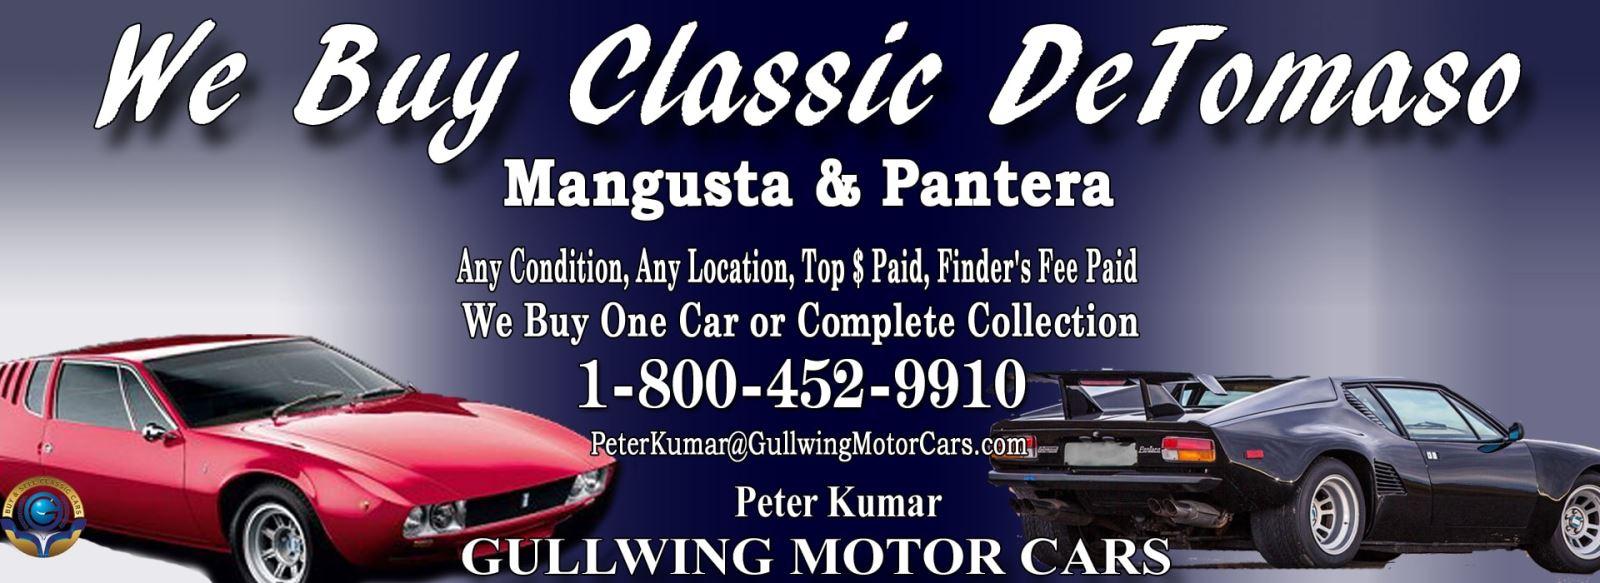 Classic De Tomaso for sale, we buy vintage DeTomaso. Call Peter Kumar. Gullwing Motor De Tomaso Panetra, De Tomaso Mangusta